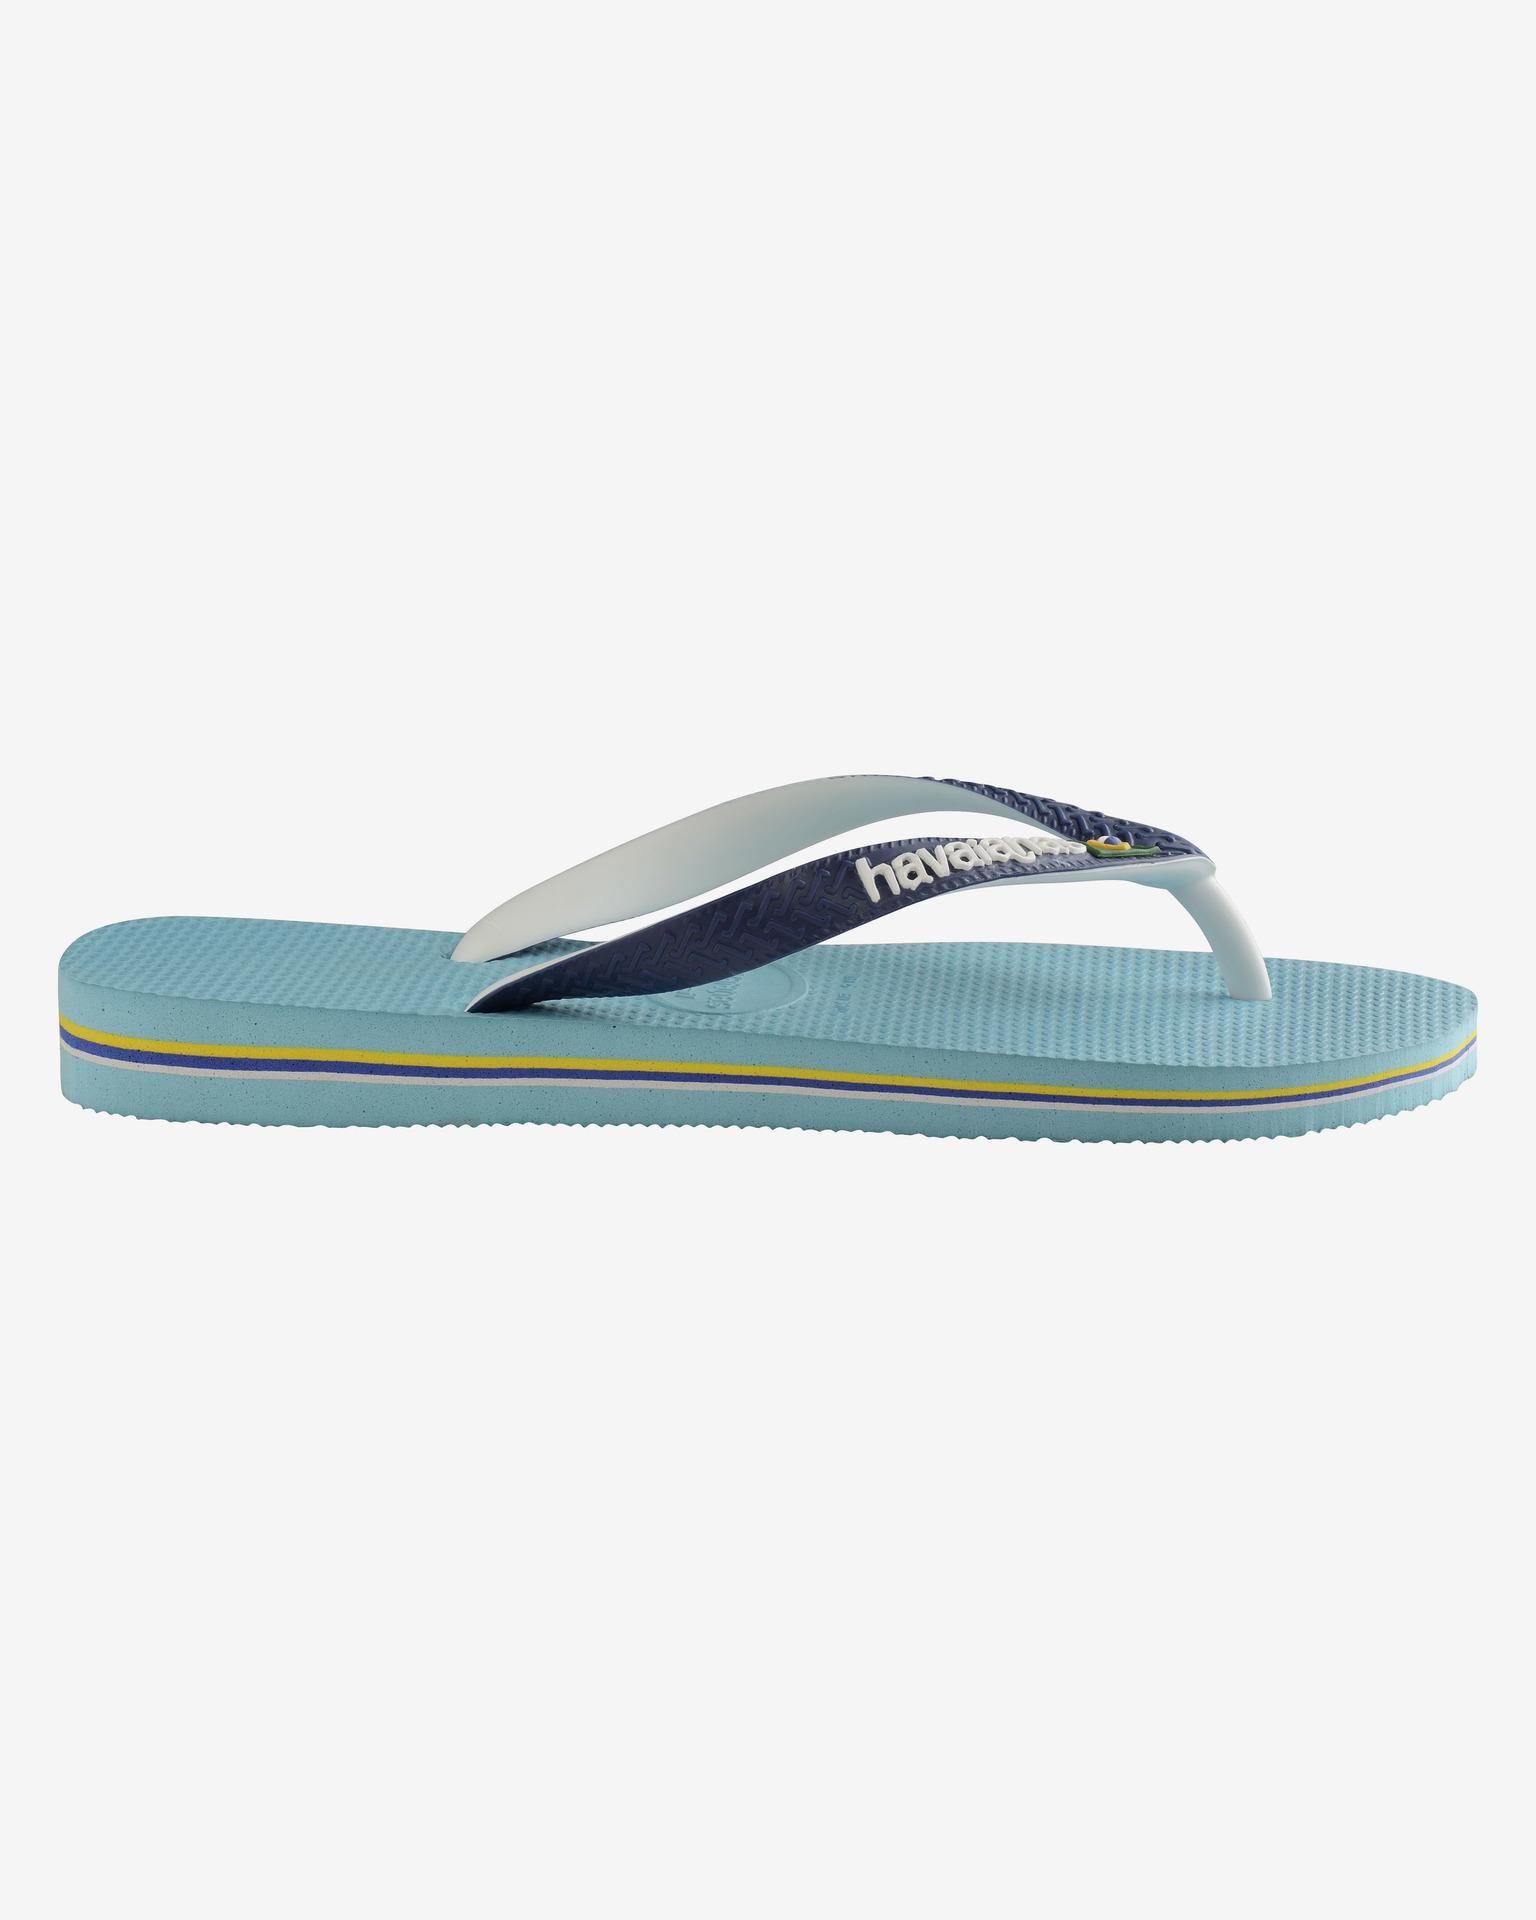 ca67a61077bc2 Havaianas - Brasil Mix Flip-flops Bibloo.com